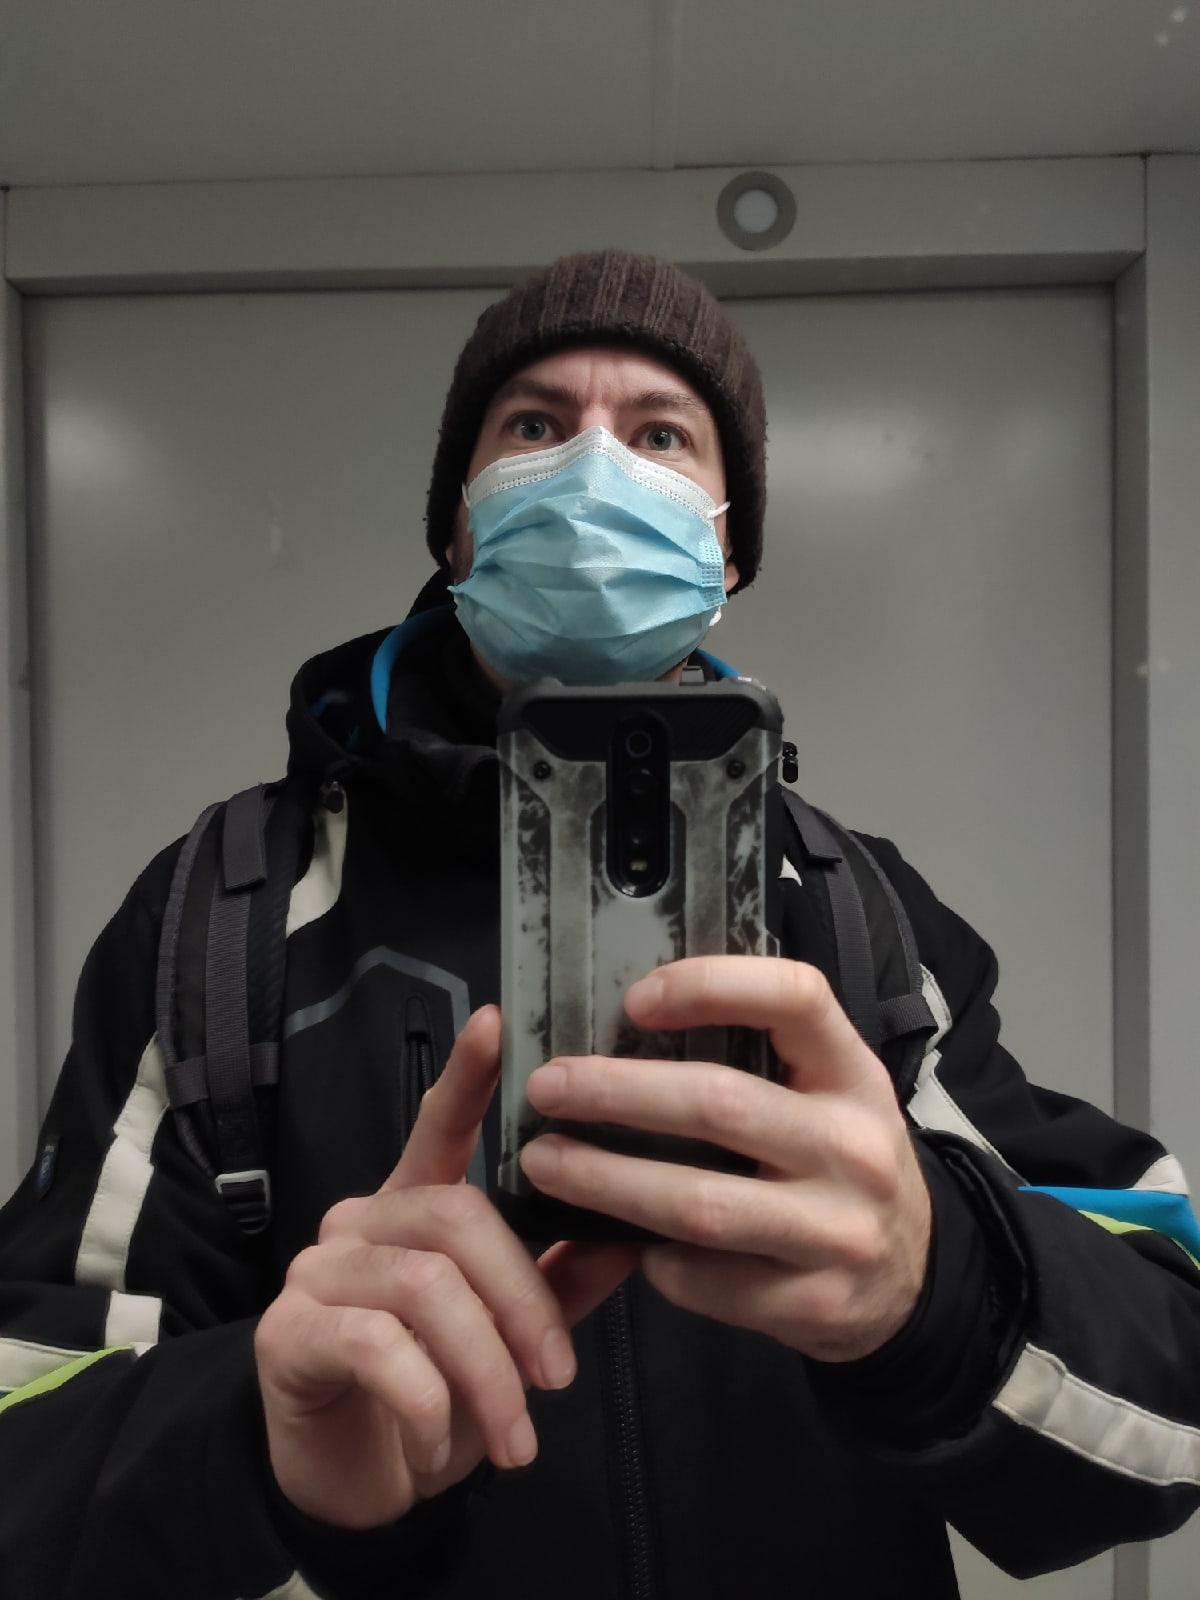 Игорь Докучаев: пока не пришла вакцина, надо пользоваться масками